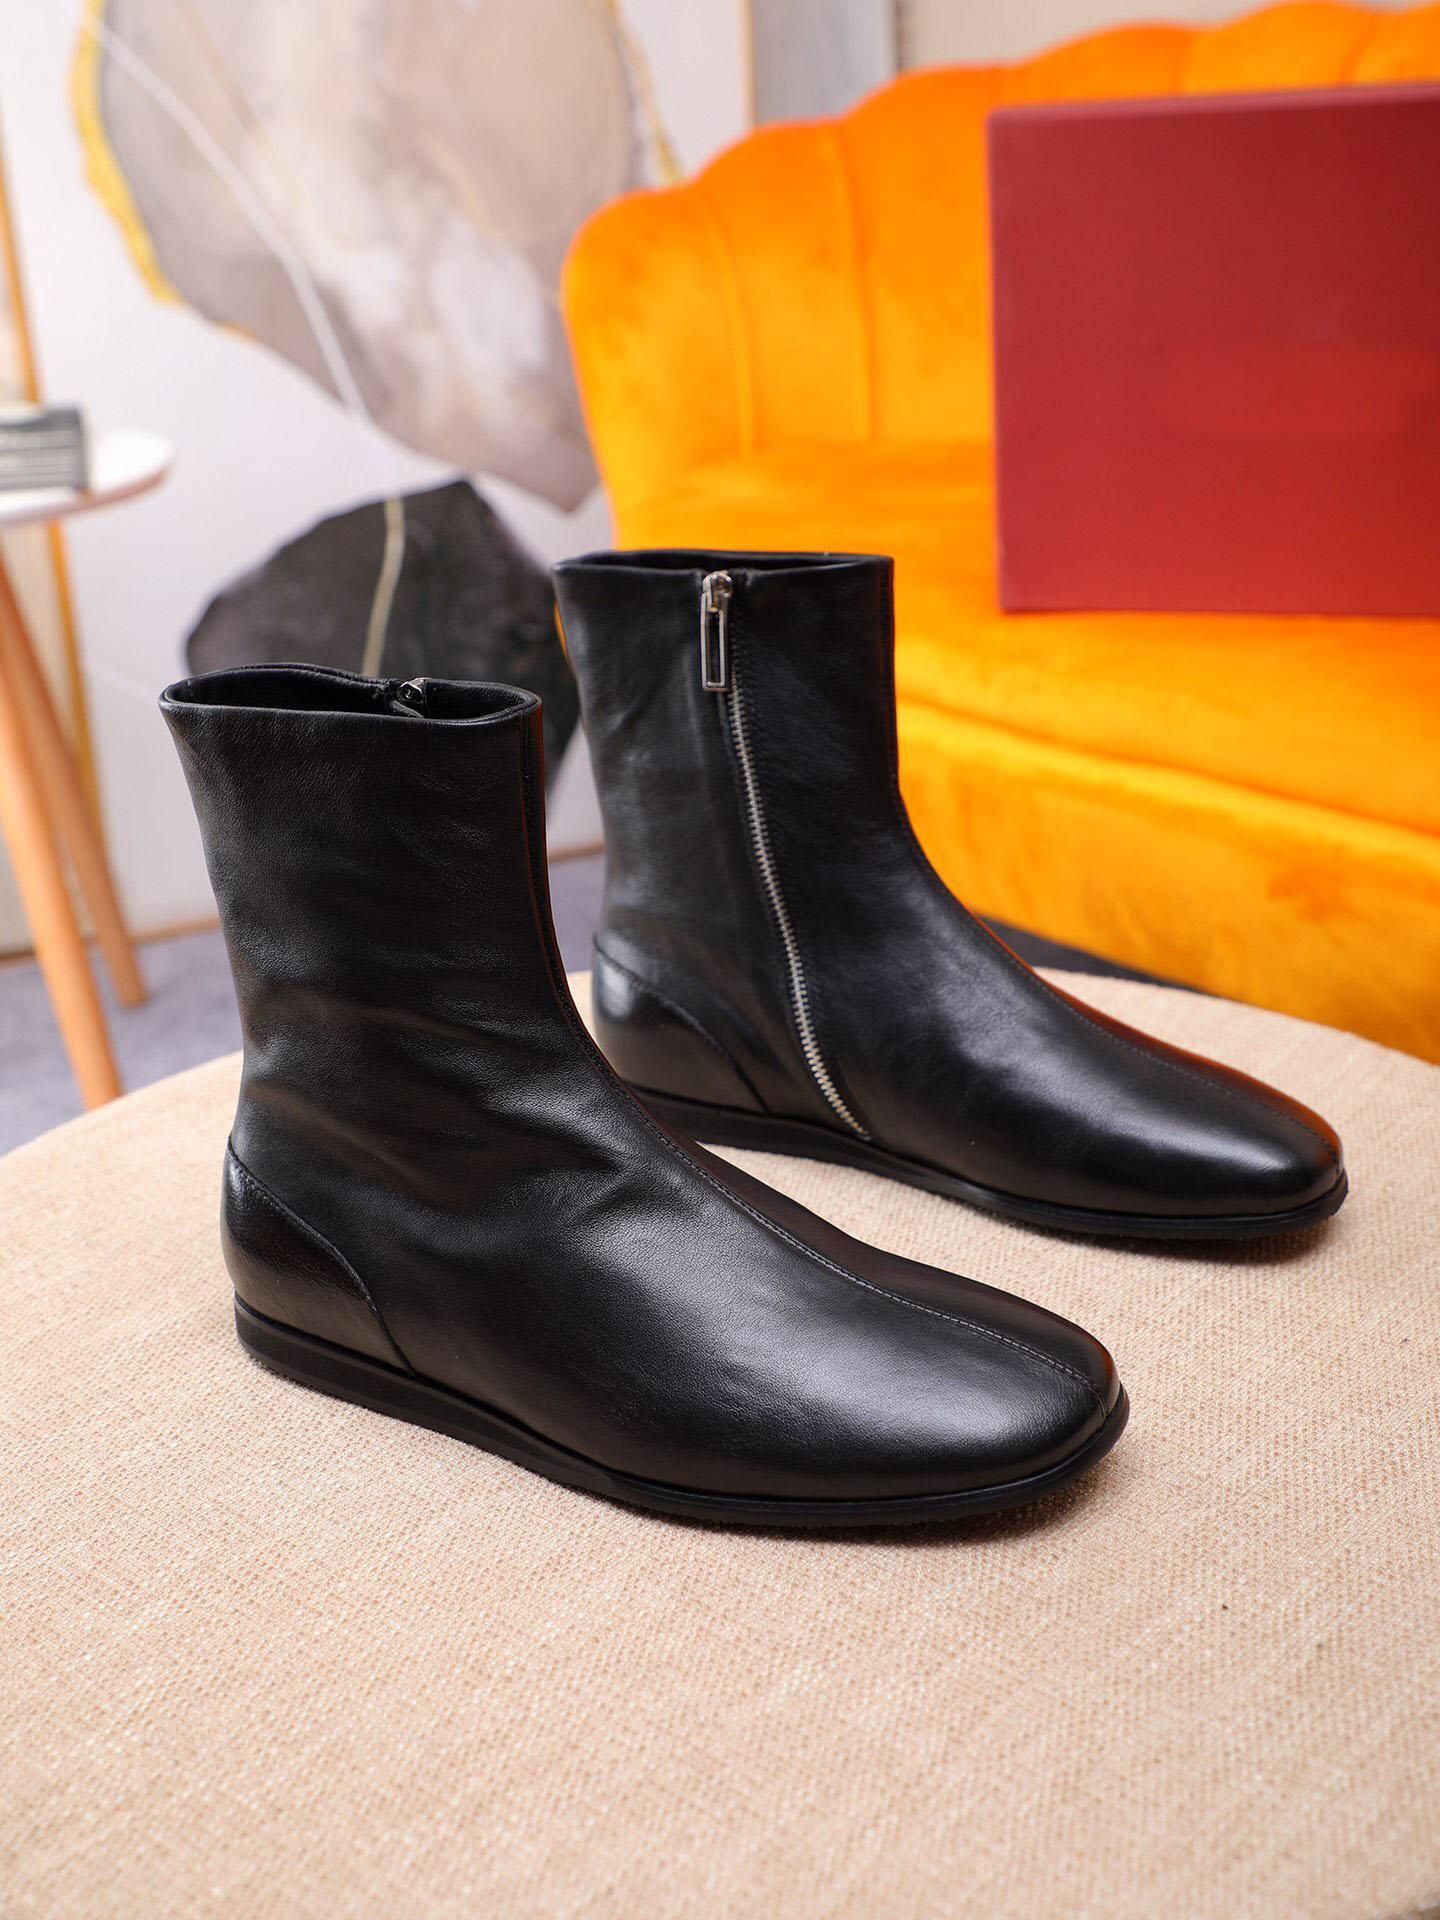 2020 Partido Designer Mens Moda Couro Business Flats calçados casuais Marca Handmade Masculino Botas Tamanho 38-45